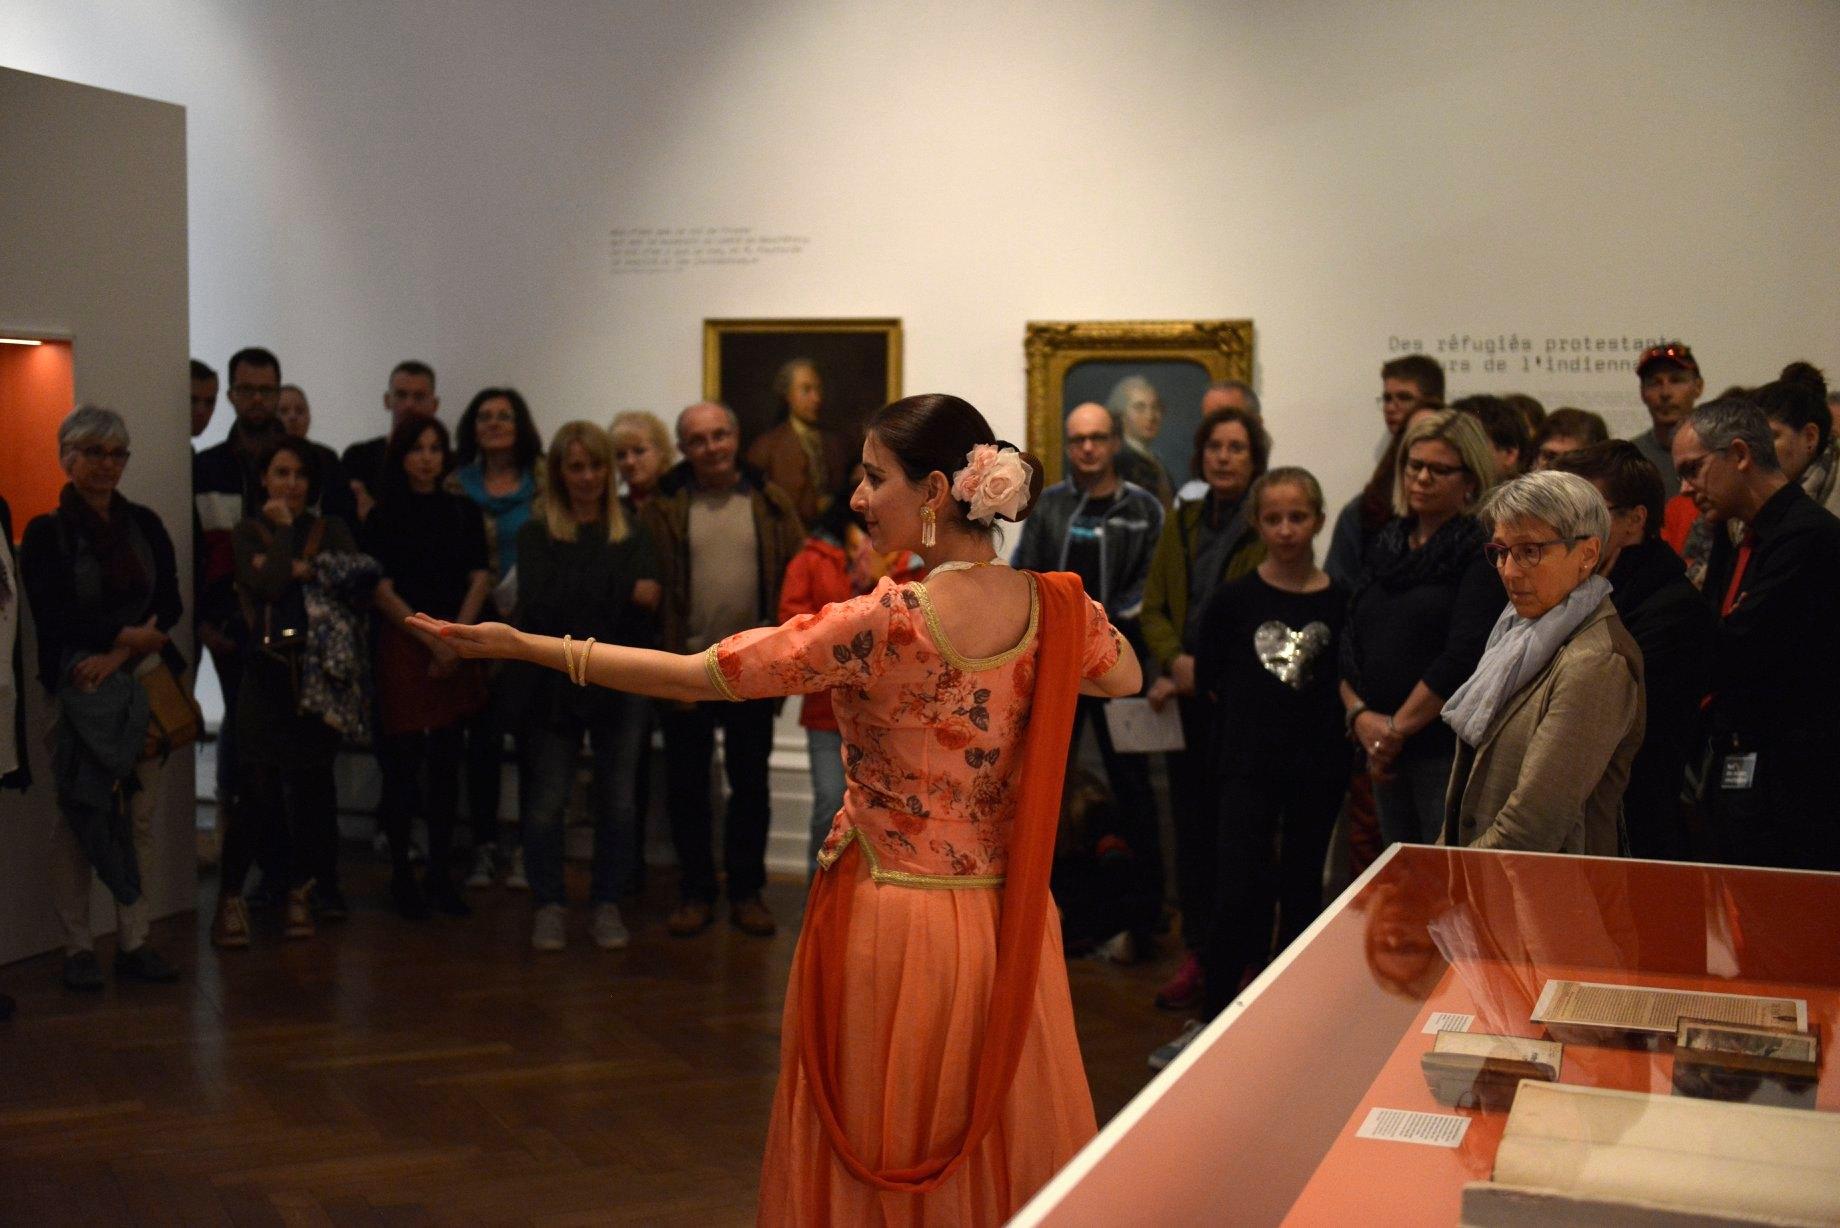 L'Inde a aussi été représentée de manière particulièrement gracieuse par la danseuse Annjali Shah